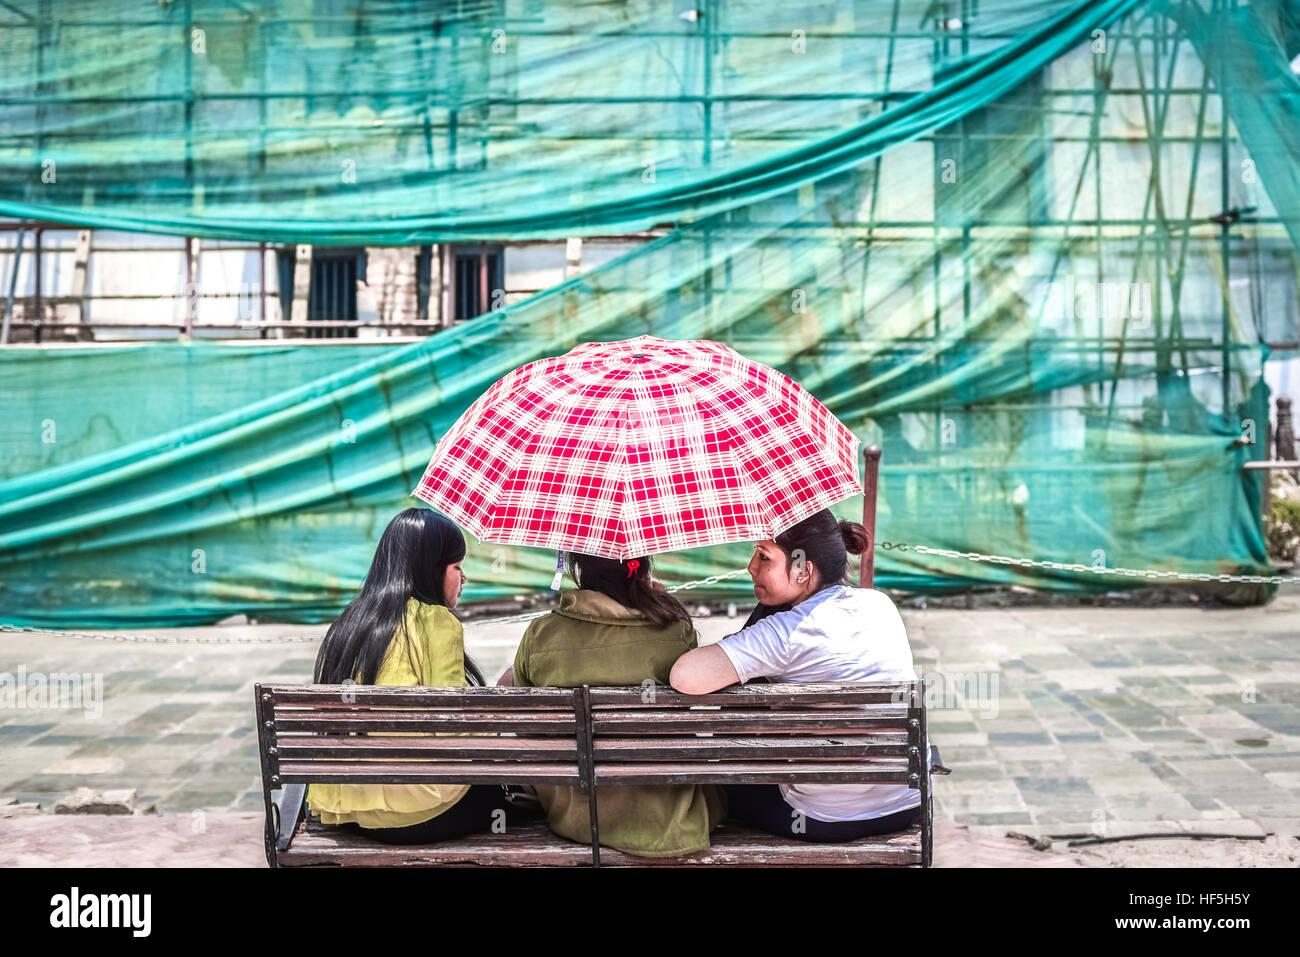 Tre giovani donne che condividono un ombrello su un luminoso giorno in Hanuman Dhoka, Durbar Square, Kathmandu. Immagini Stock